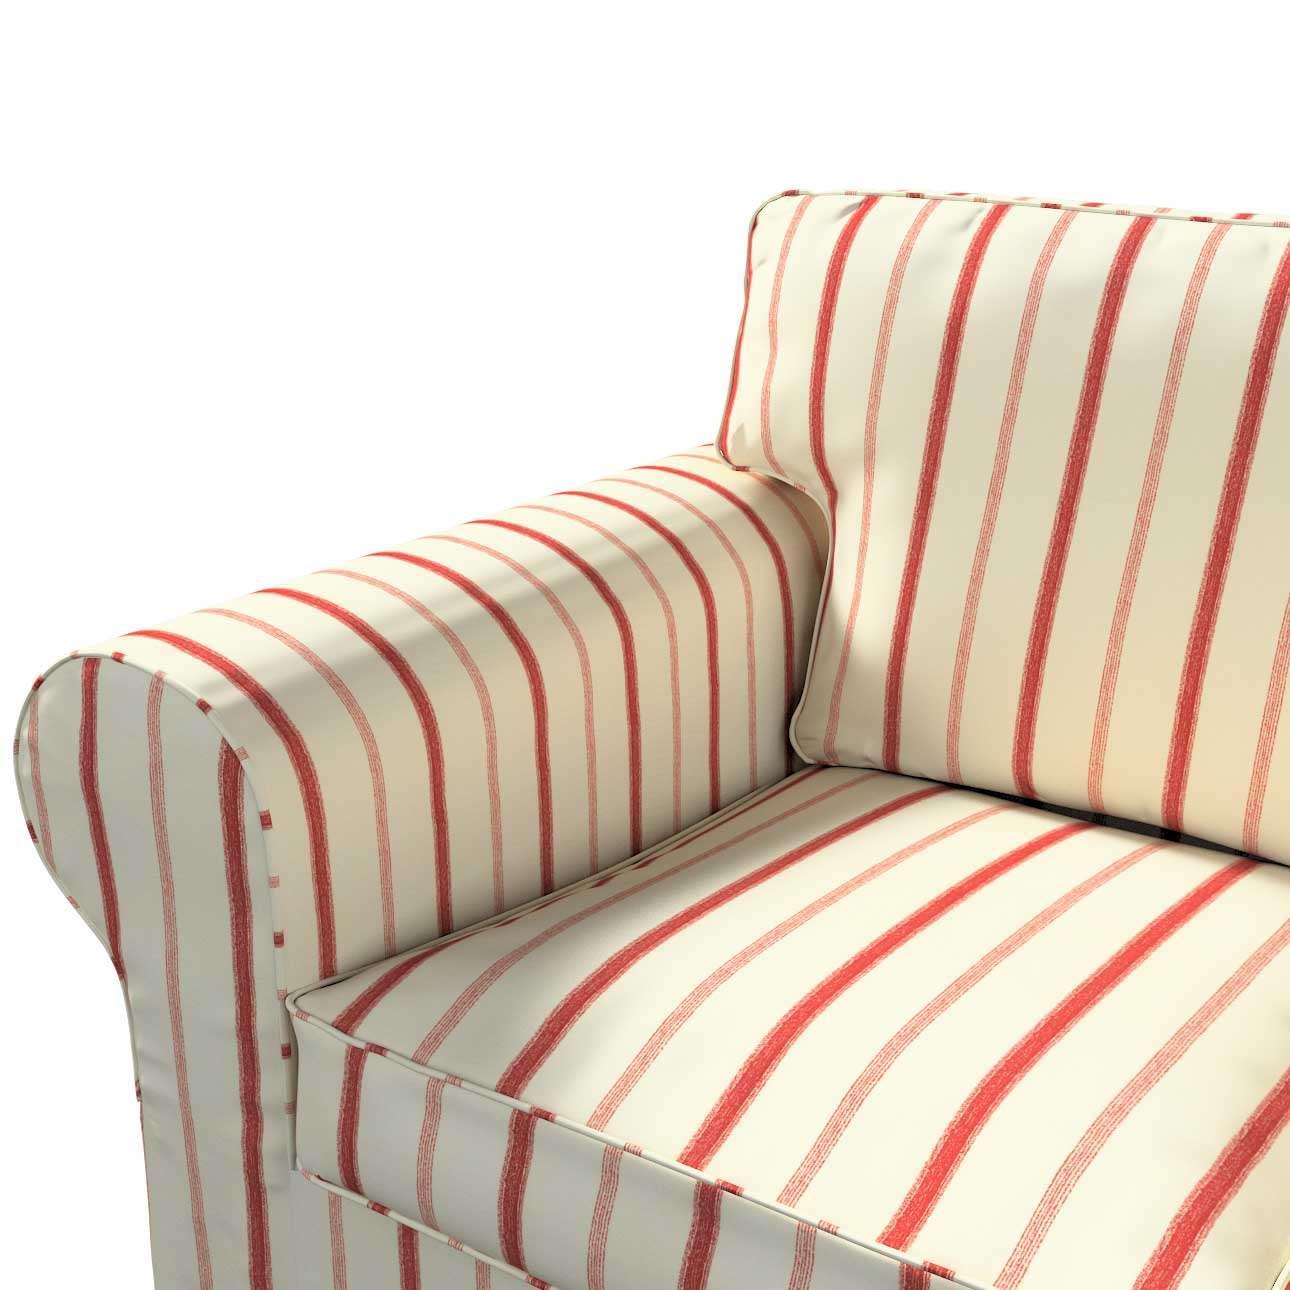 Potah na pohovku IKEA  Ektorp 3-místná, nerozkládací pohovka Ektorp 3-místná v kolekci Avignon, látka: 129-15